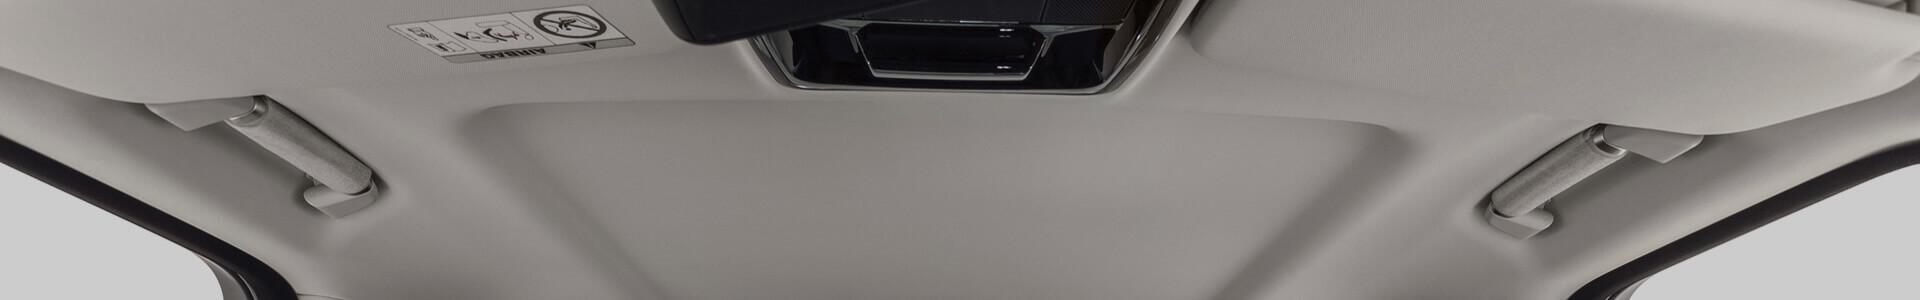 auto hausmittel beliebt marder auto vertreiben marder. Black Bedroom Furniture Sets. Home Design Ideas